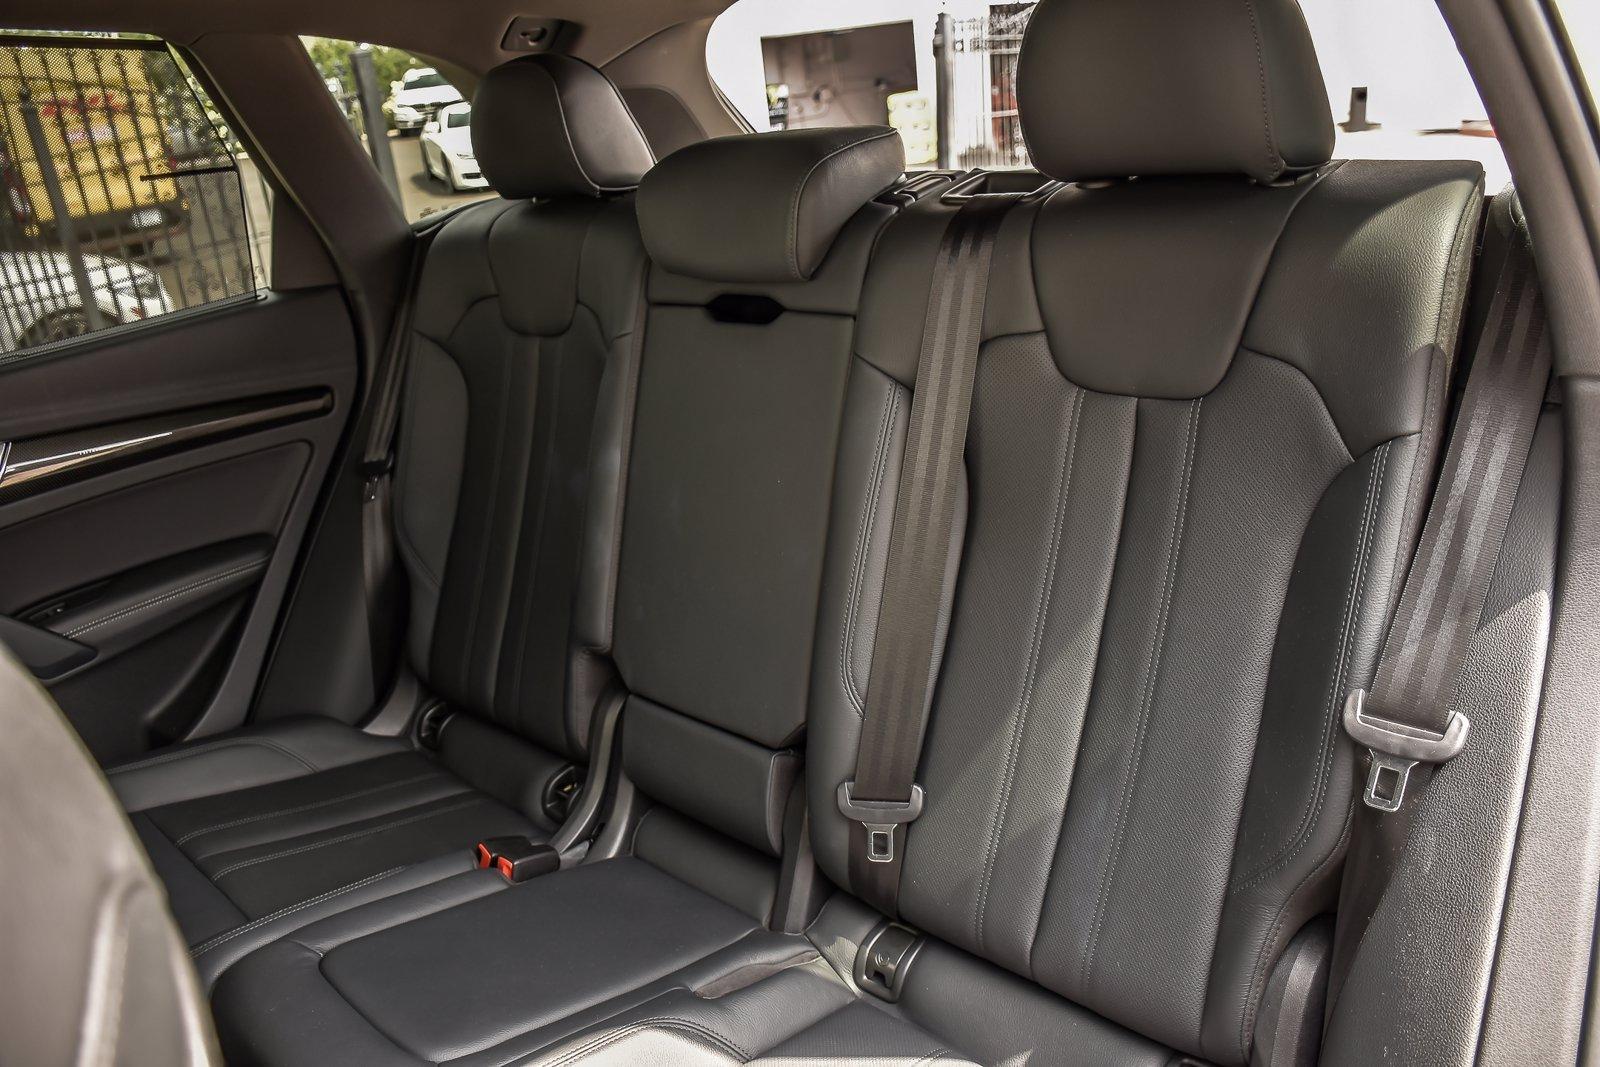 Used 2019 Audi SQ5 Prestige S-Sport/Black Optic Pkg | Downers Grove, IL